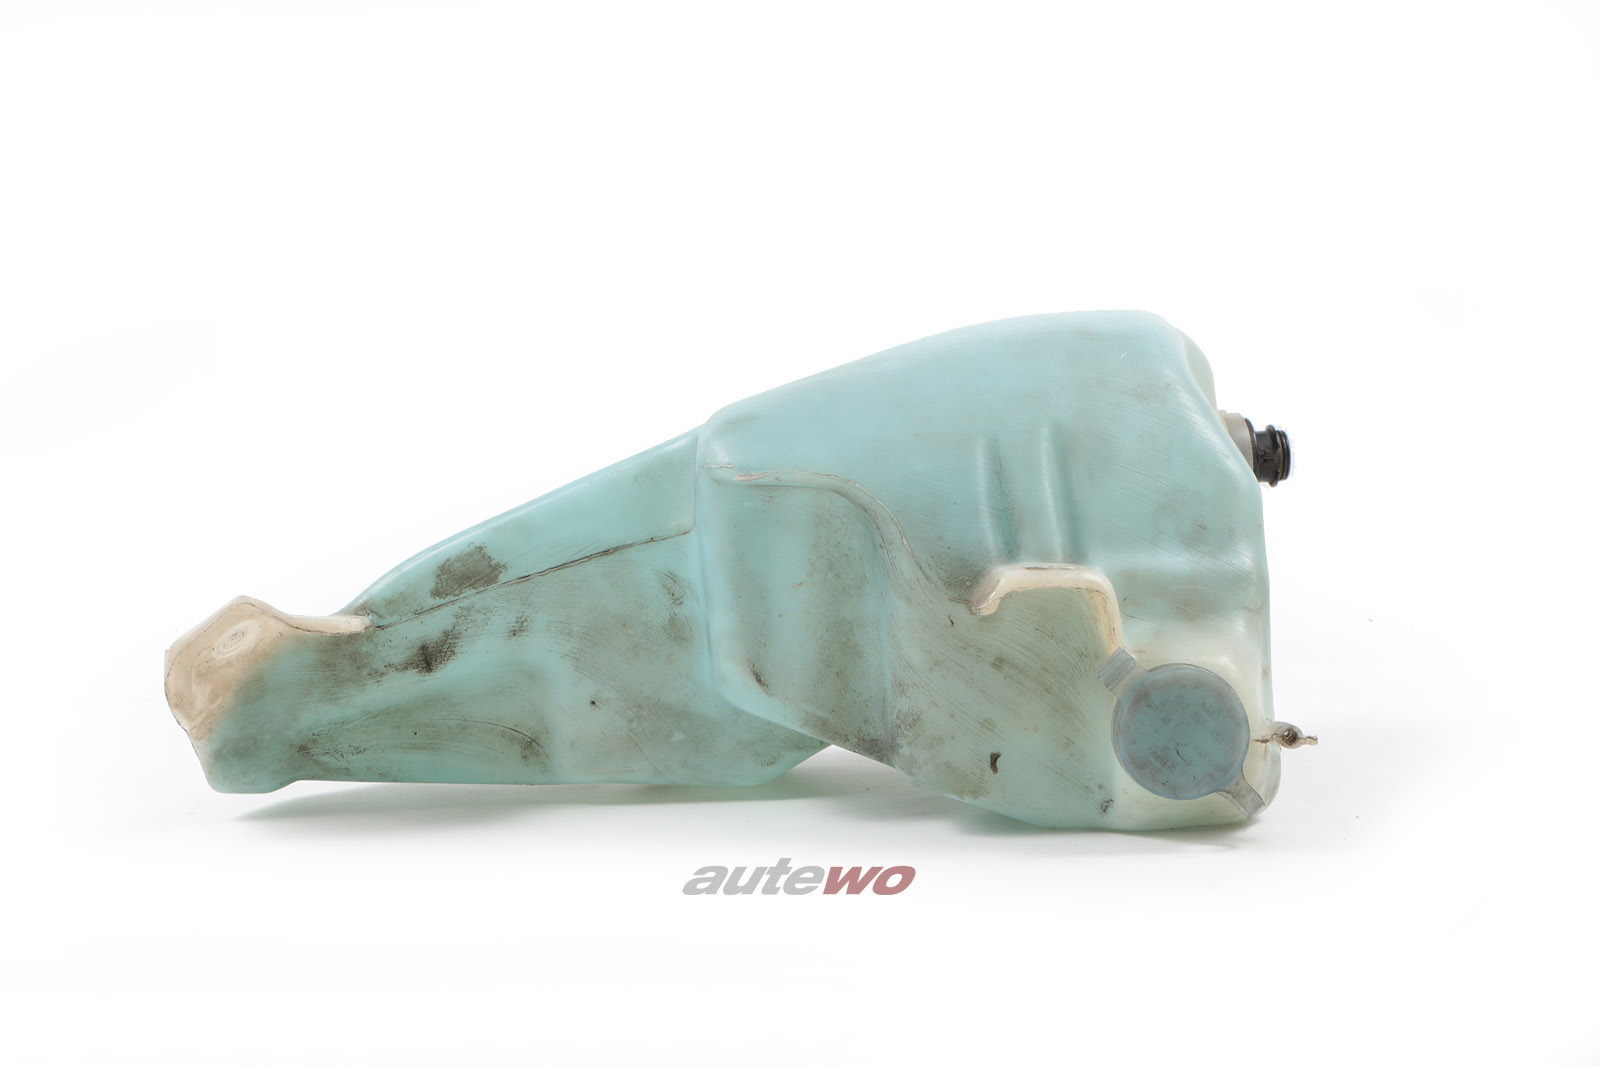 893955453B 893955453C Audi 80/90/Coupe Typ 89 Wischwasserbehälter